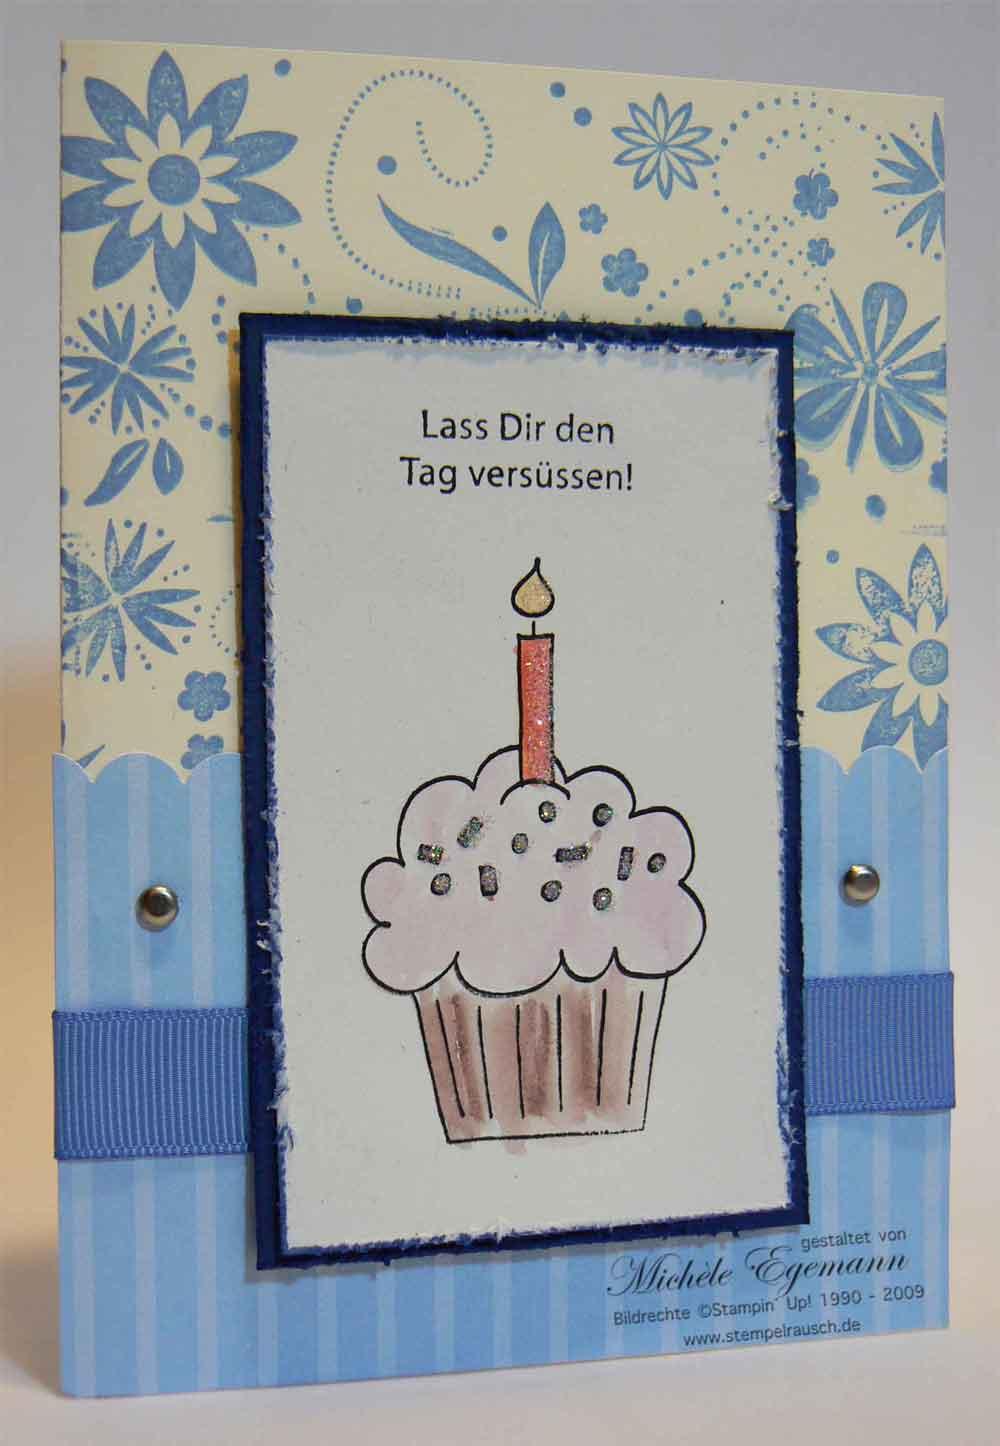 Glückwunschkarte mit Umschlag und Naschitüte